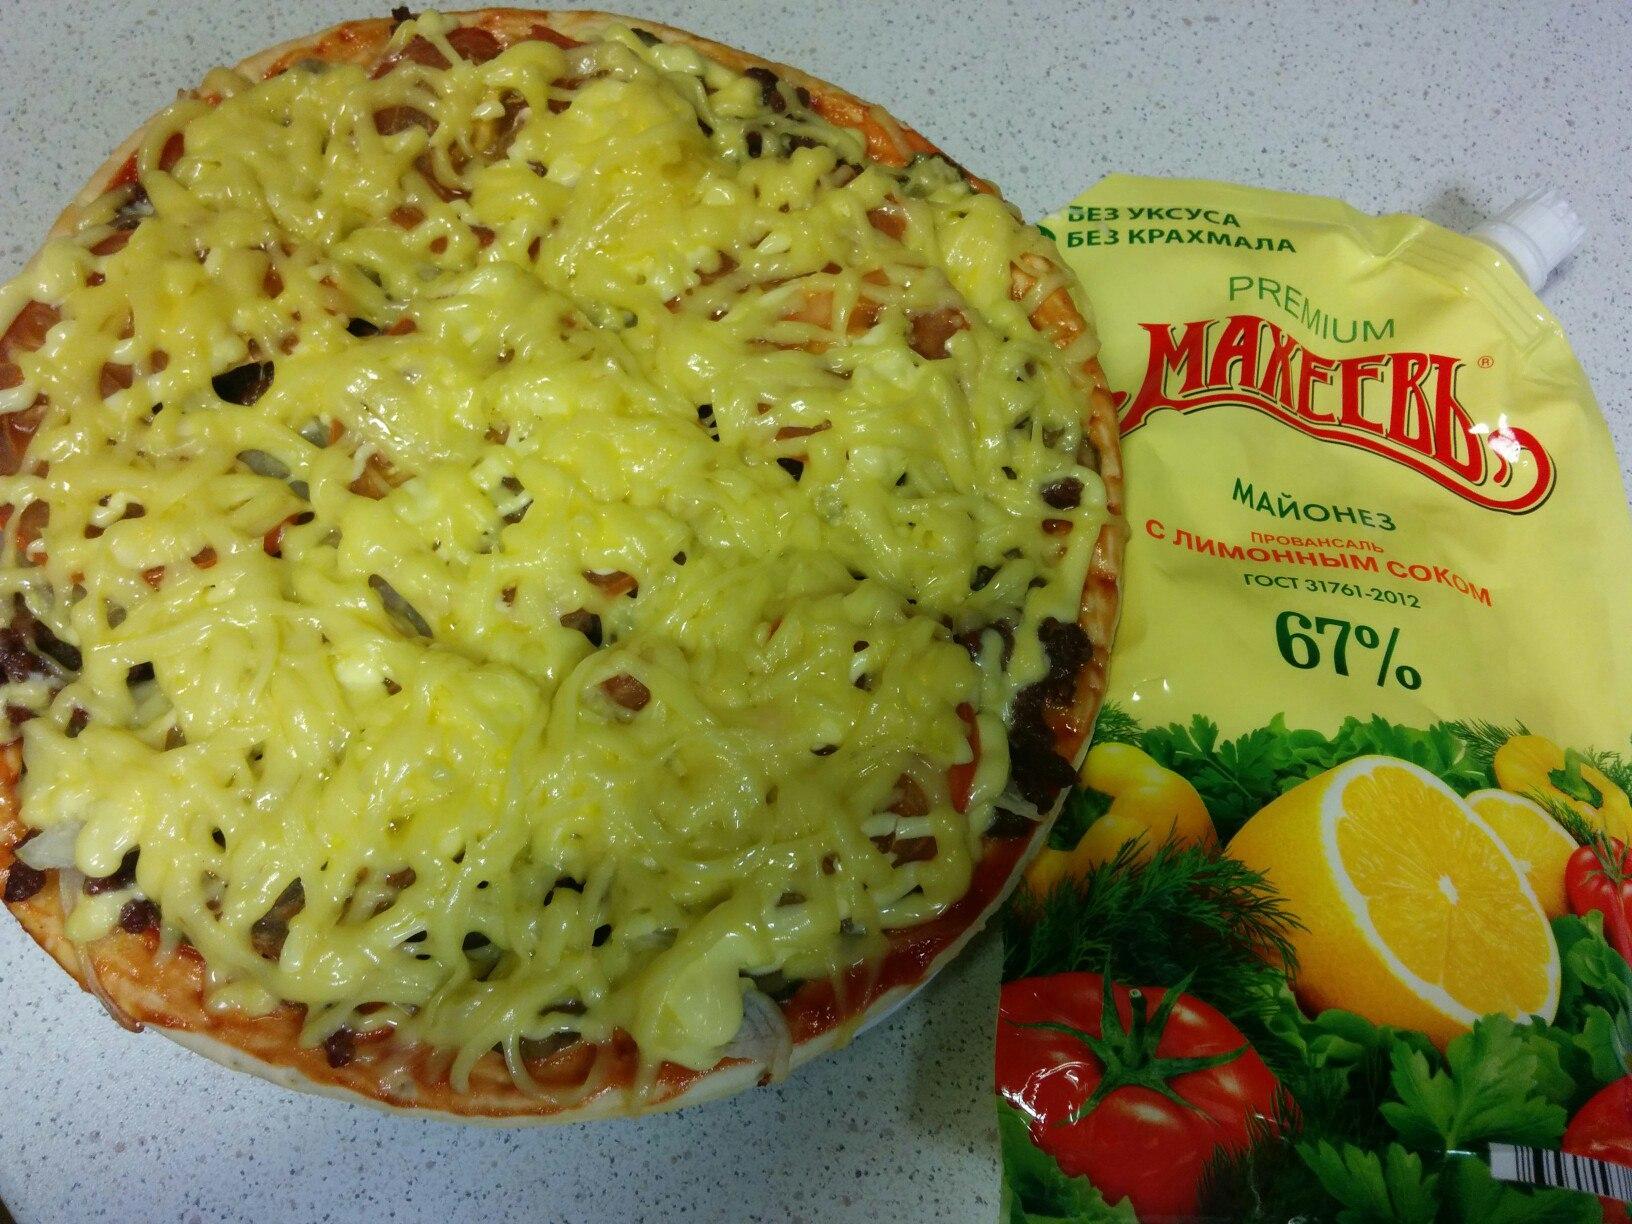 Предновогодняя пицца)